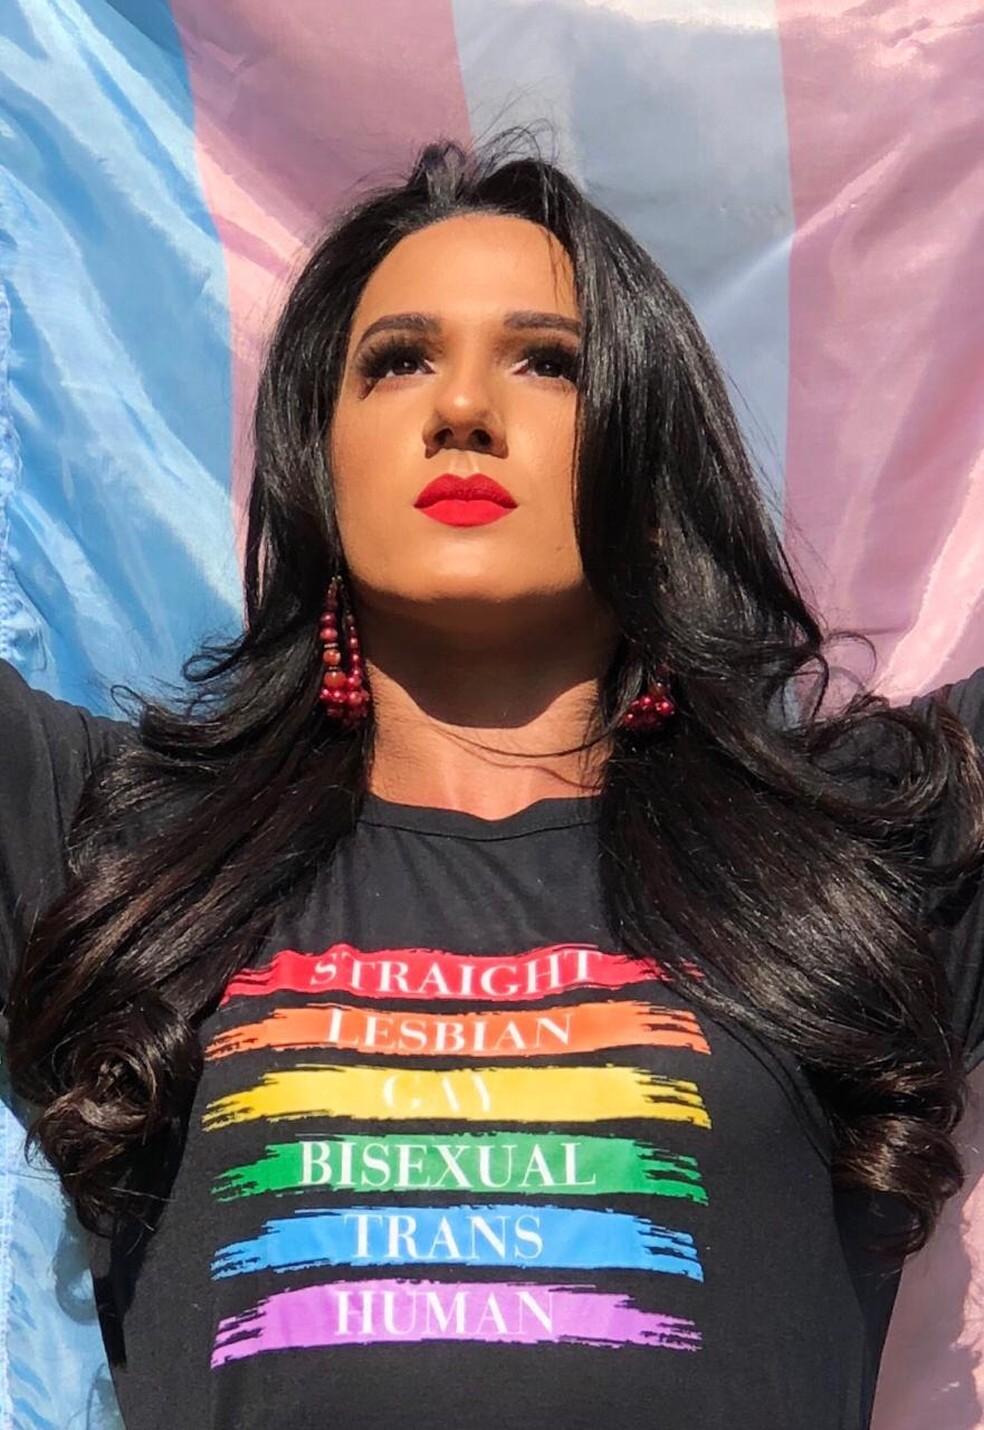 Vereadores LGBTs eleitos: Carnaúba dos Dantas elege a primeira vereadora trans do RN | Eleições 2020 no Rio Grande do Norte (Foto: Reprodução)